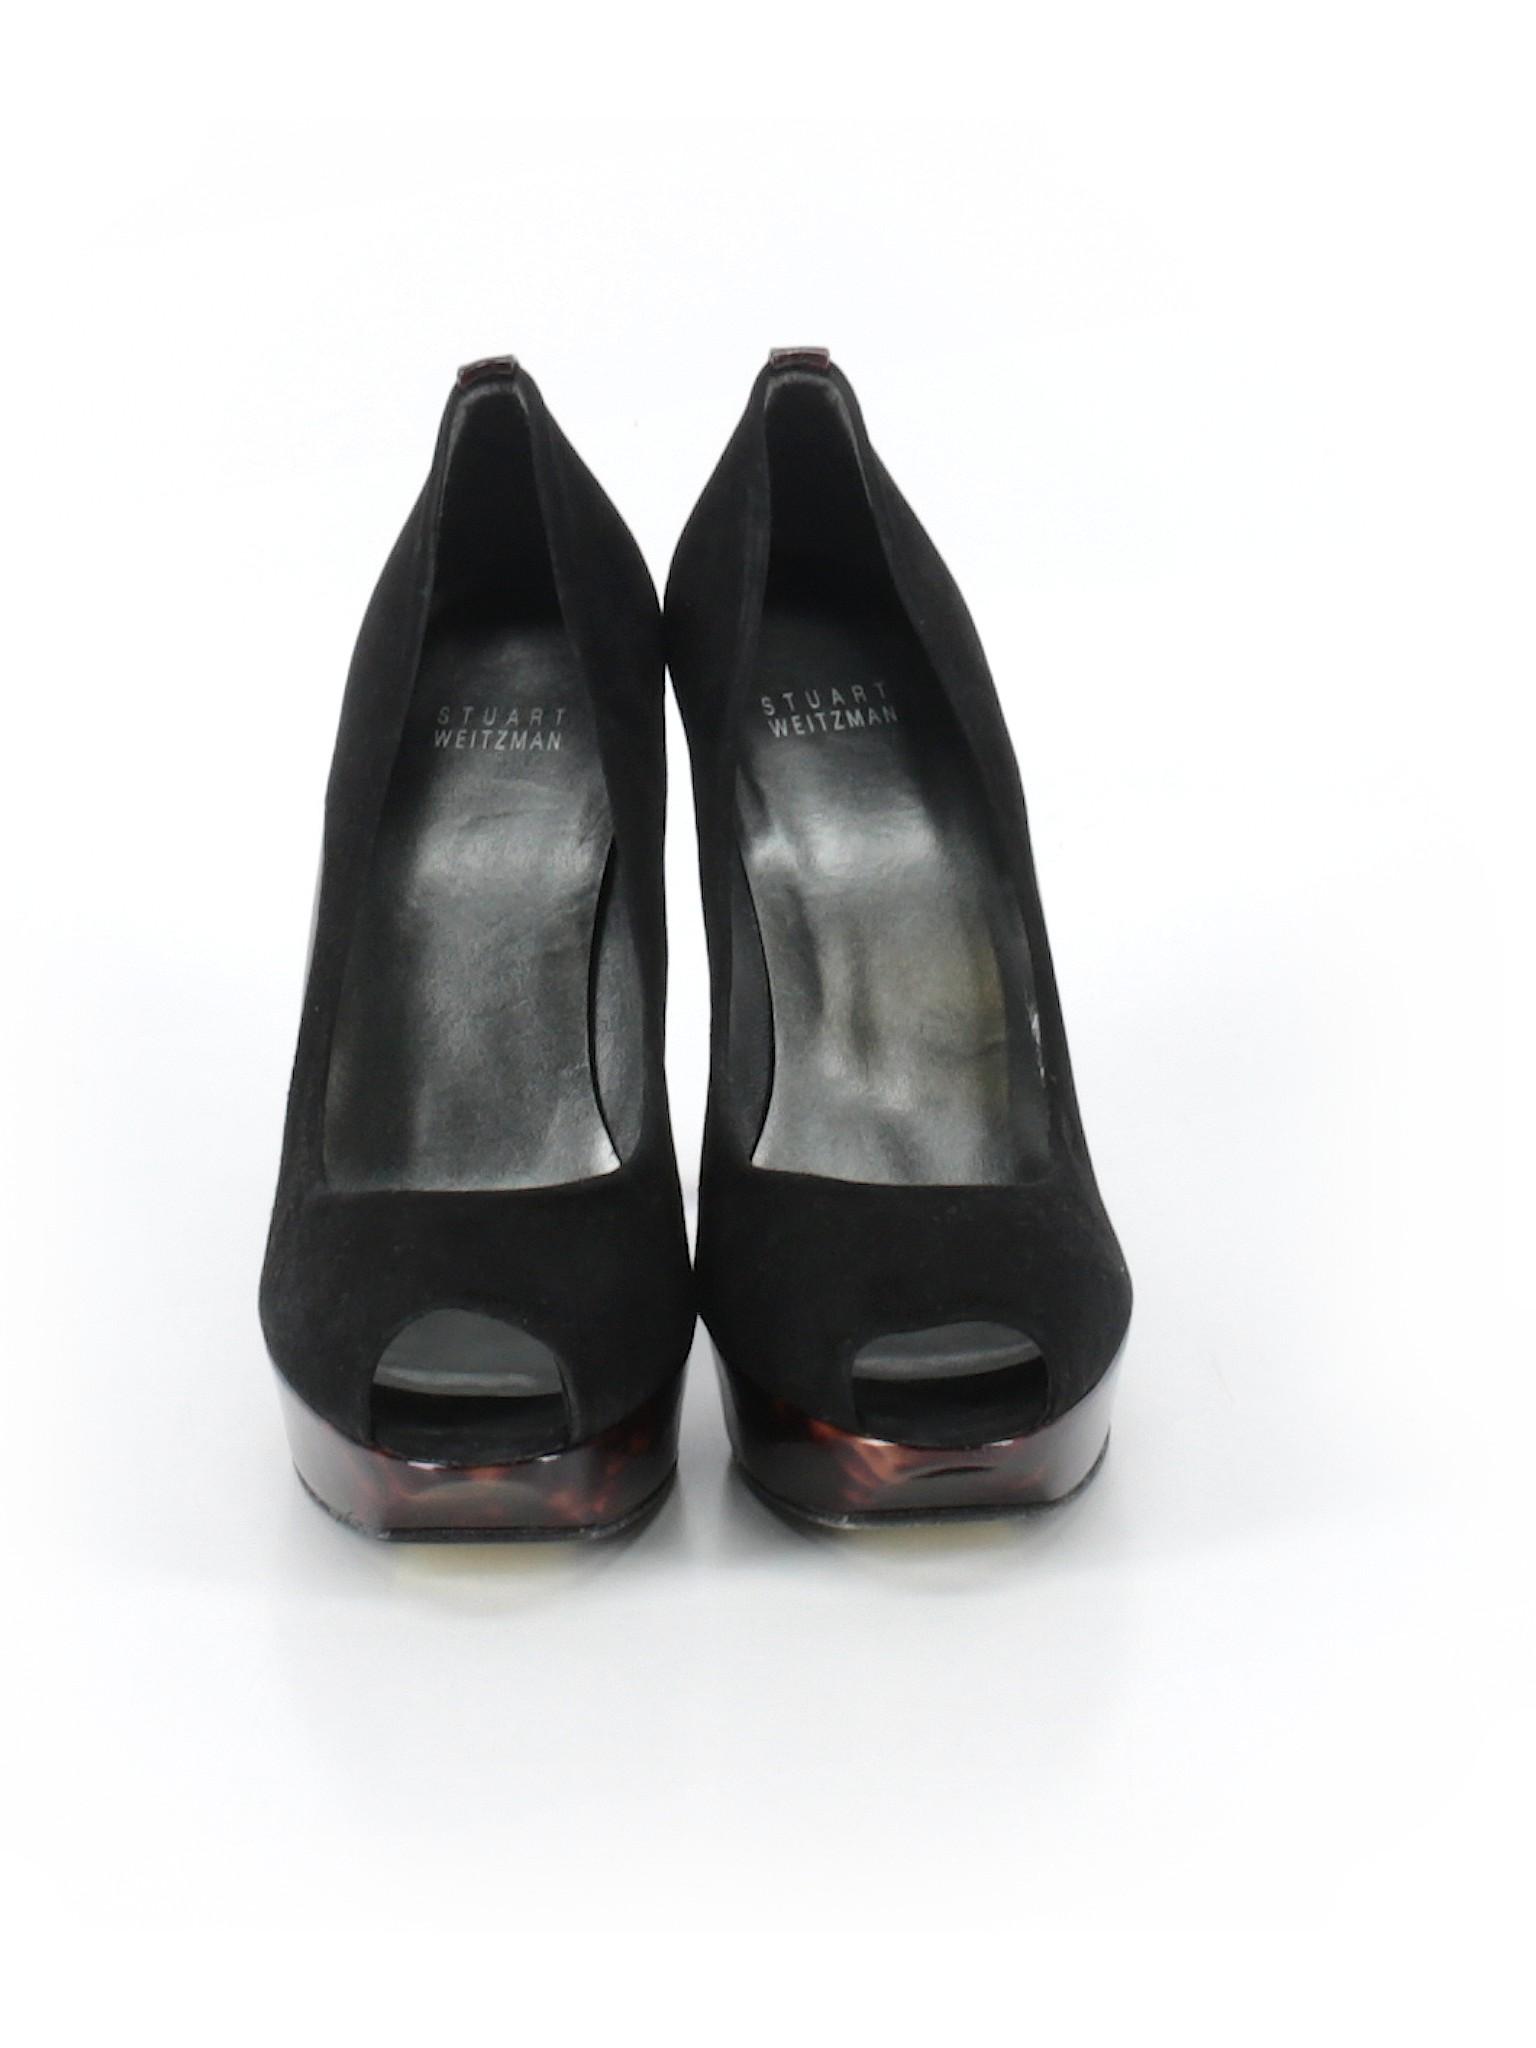 Boutique Heels Boutique Weitzman promotion promotion Stuart UBqw5wp